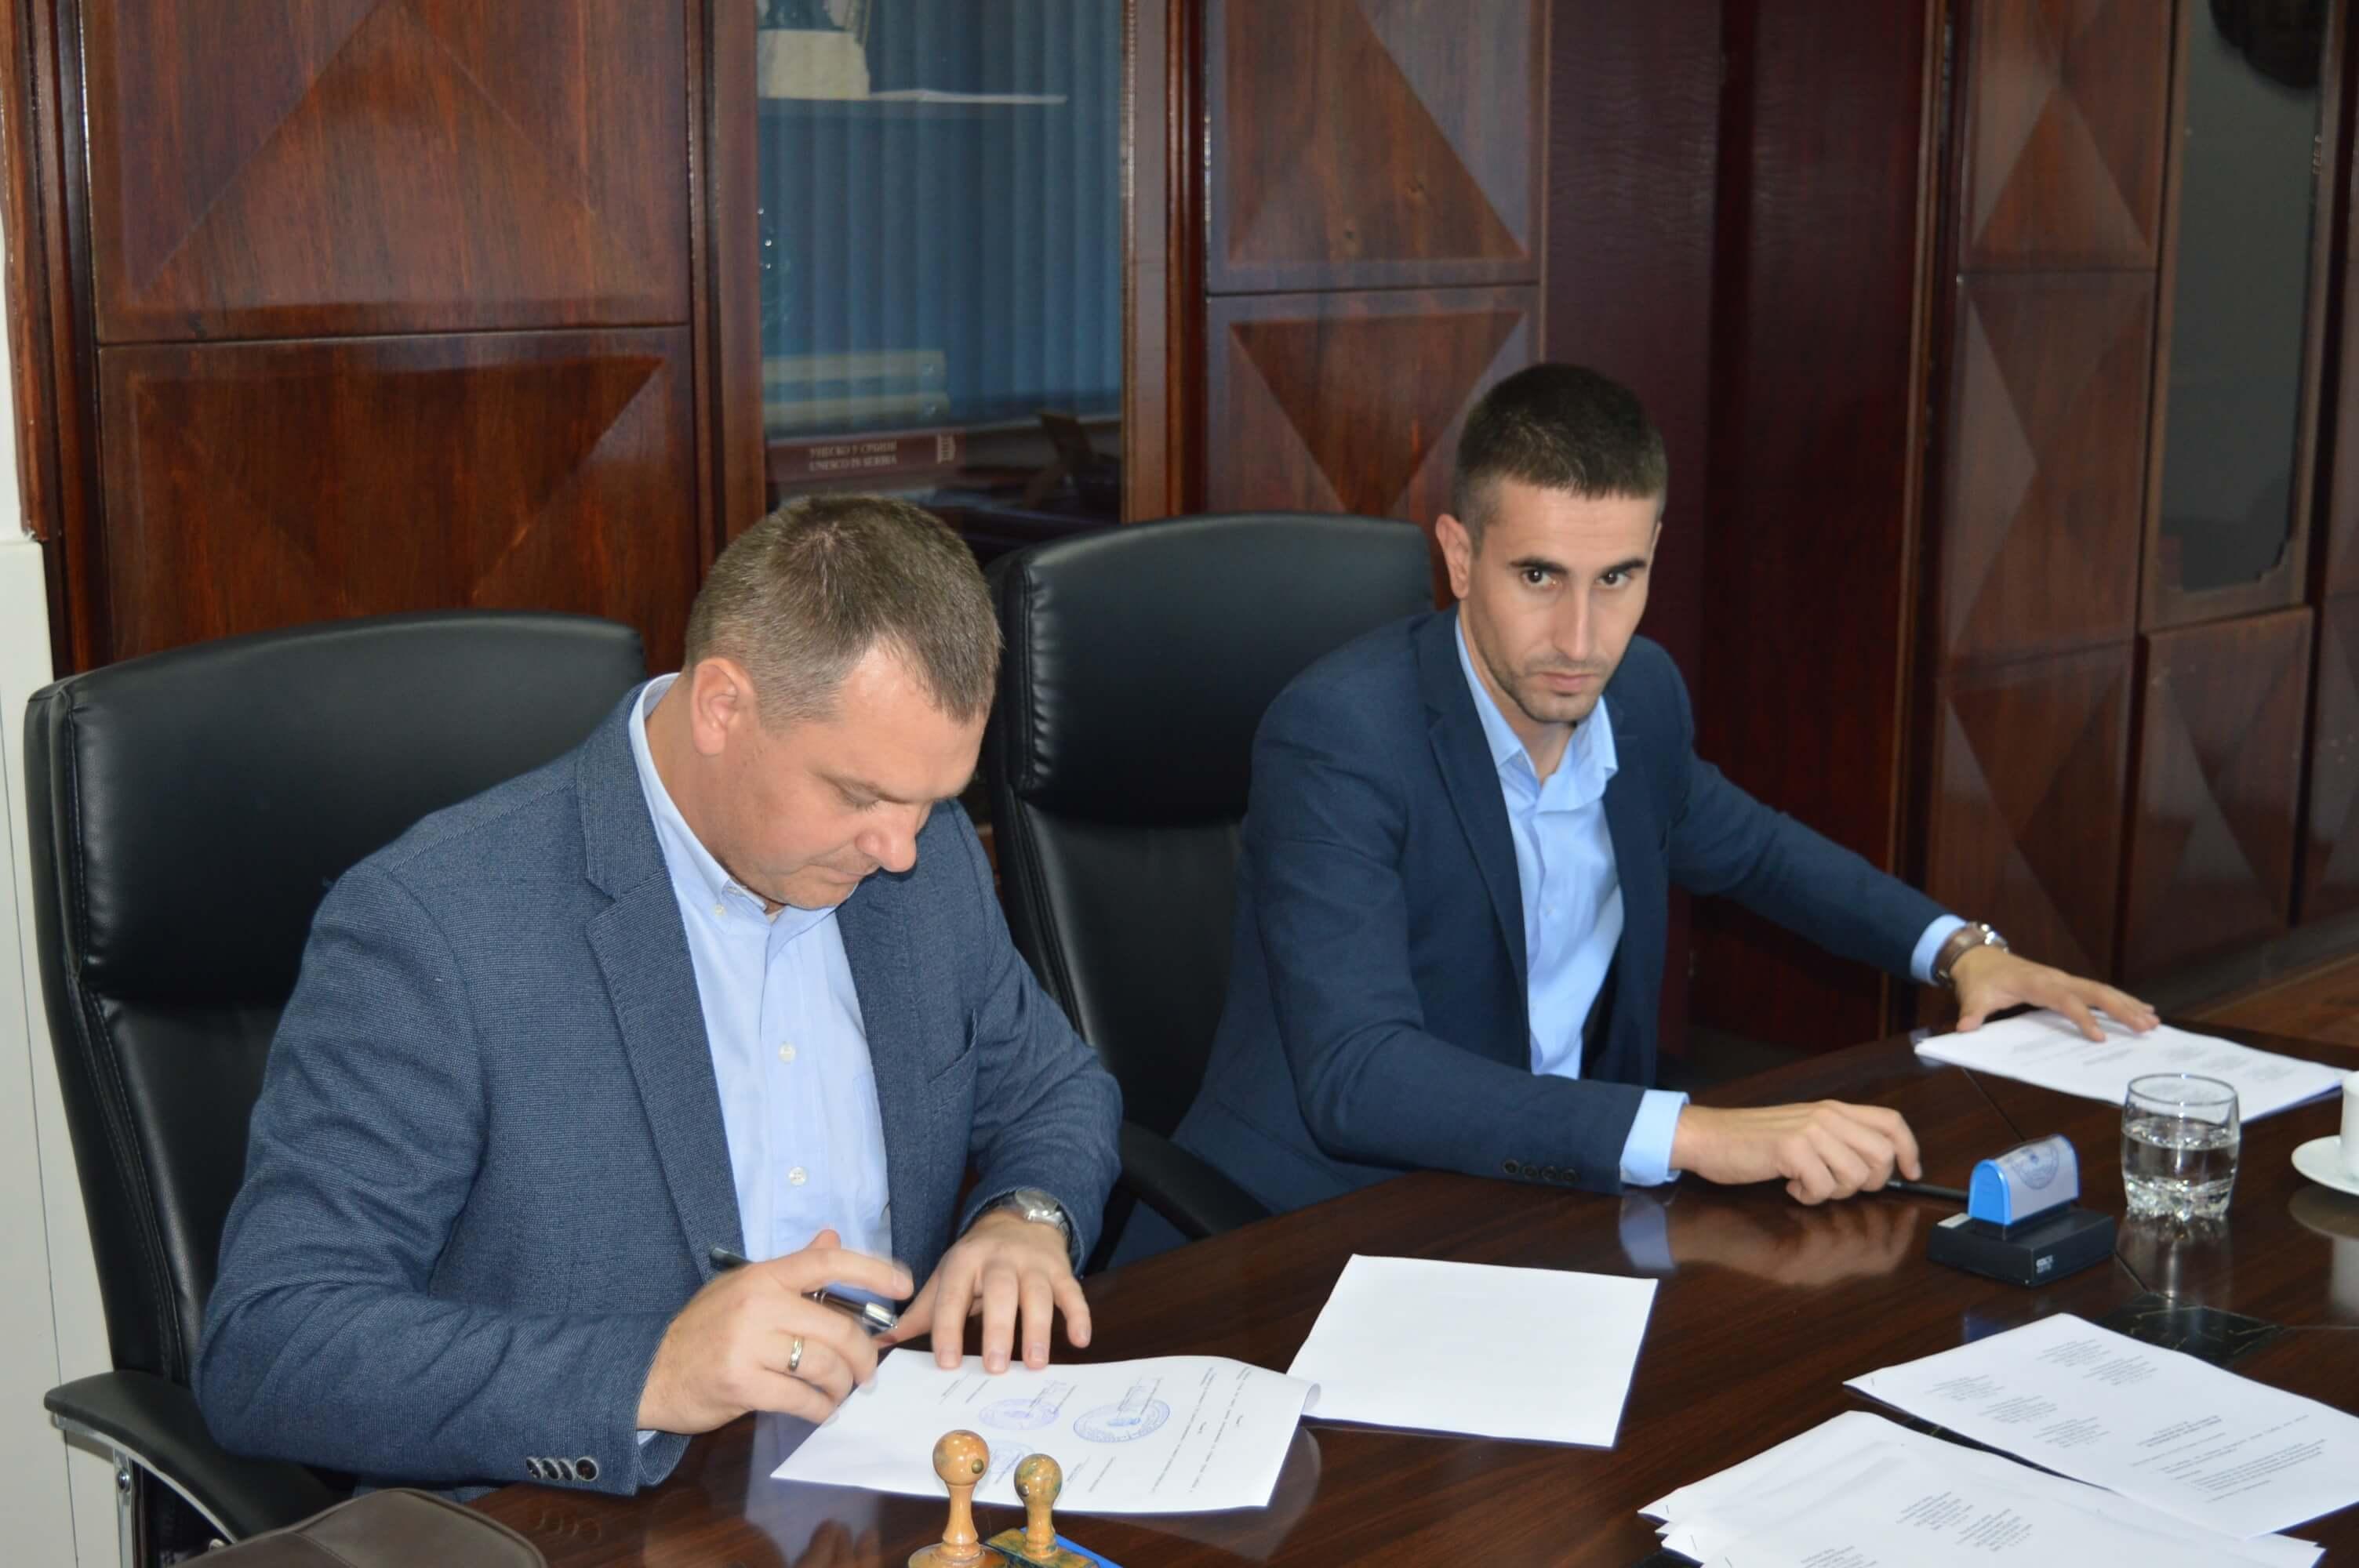 Заменик градоначелнице града Сомбора Антонио Ратковић и заменик председника општине Бач Зденко Колар